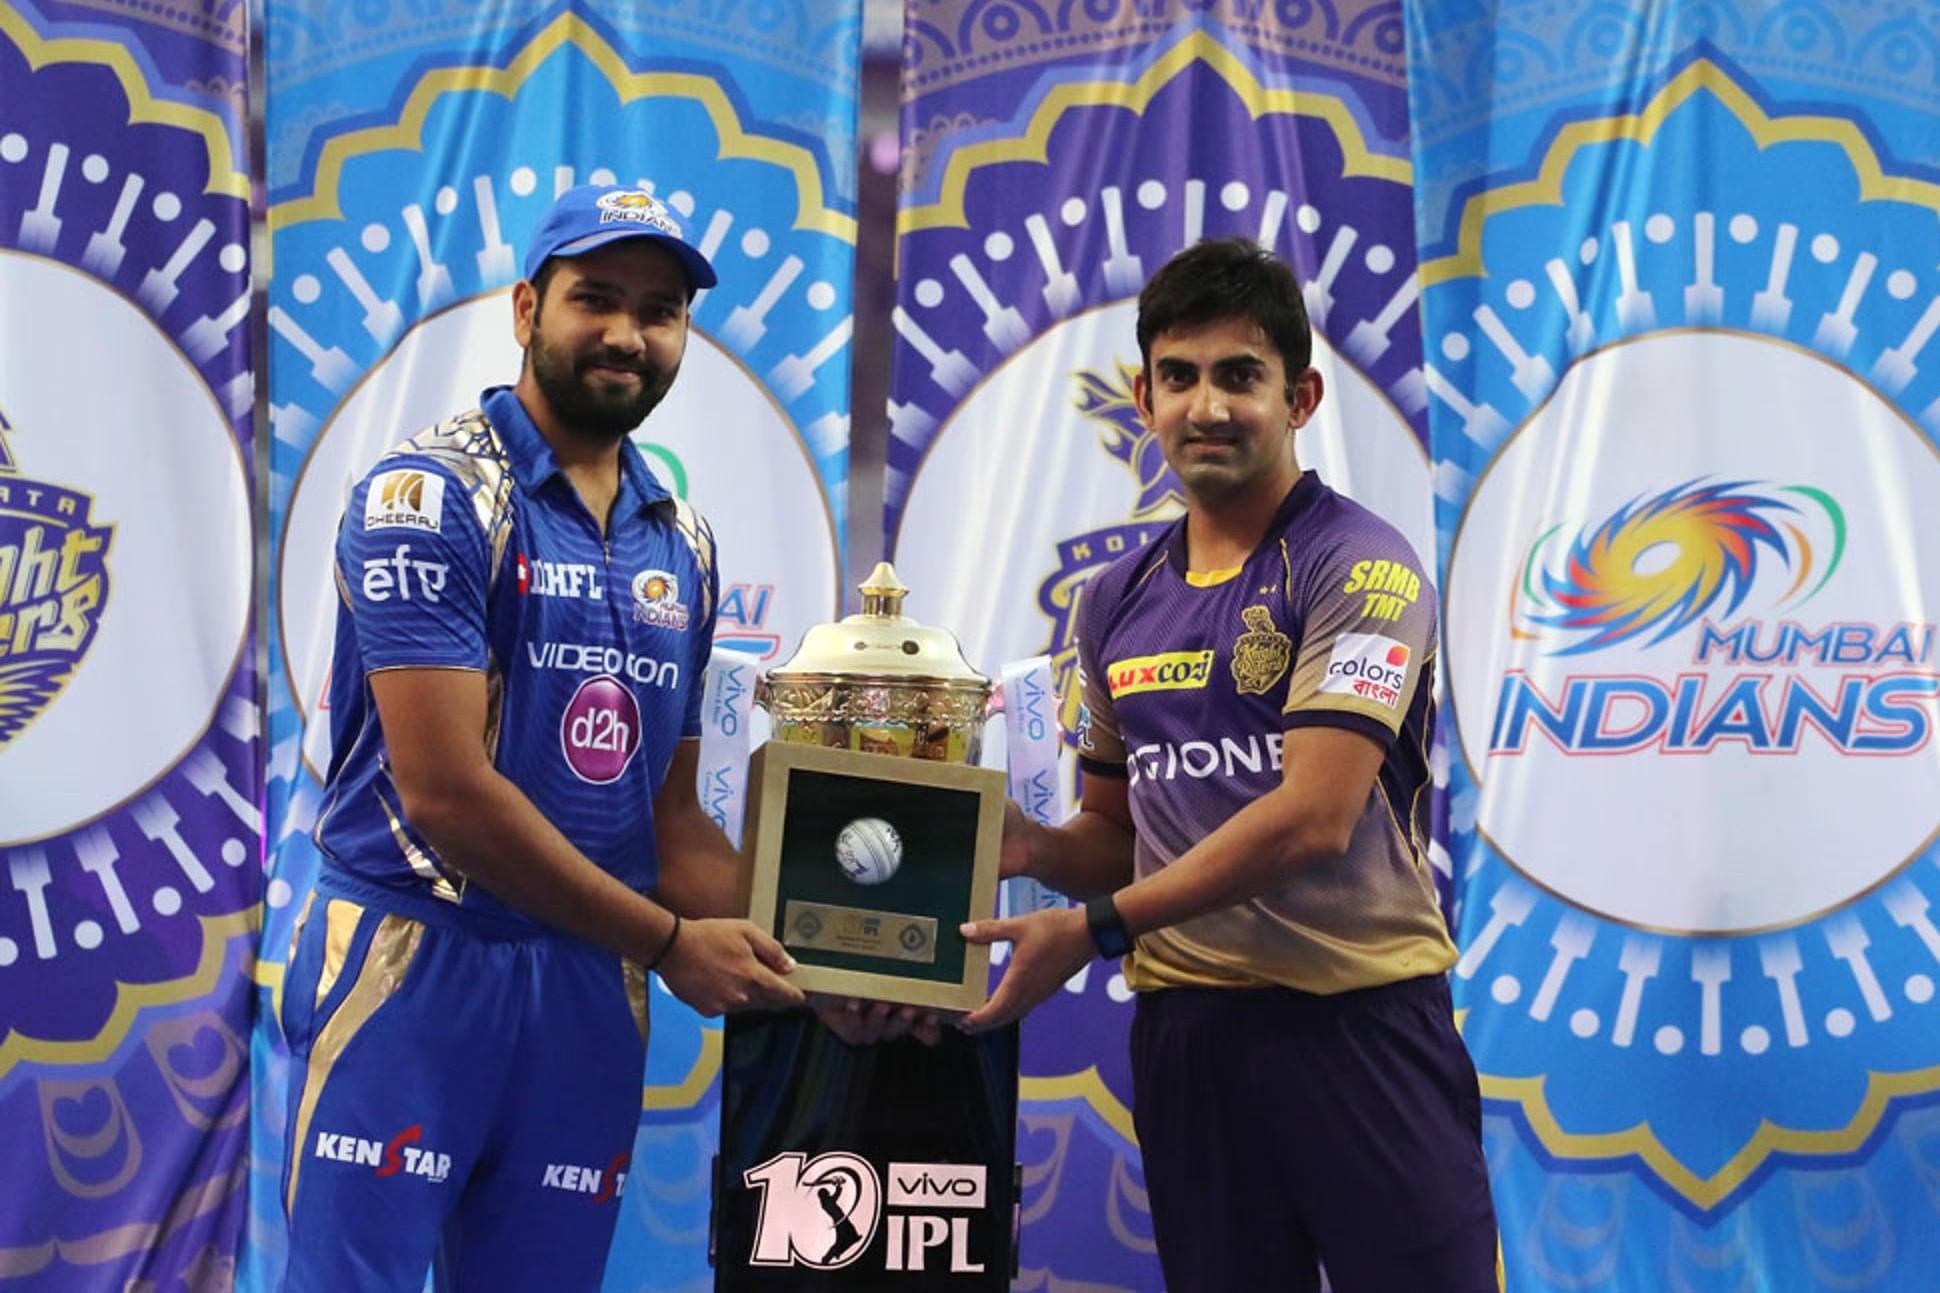 Photos: IPL10: वानखेड़े स्टेडियम में सुशांत सिंह राजपूत और मलाइका अरोड़ा ने बांधा समा 1